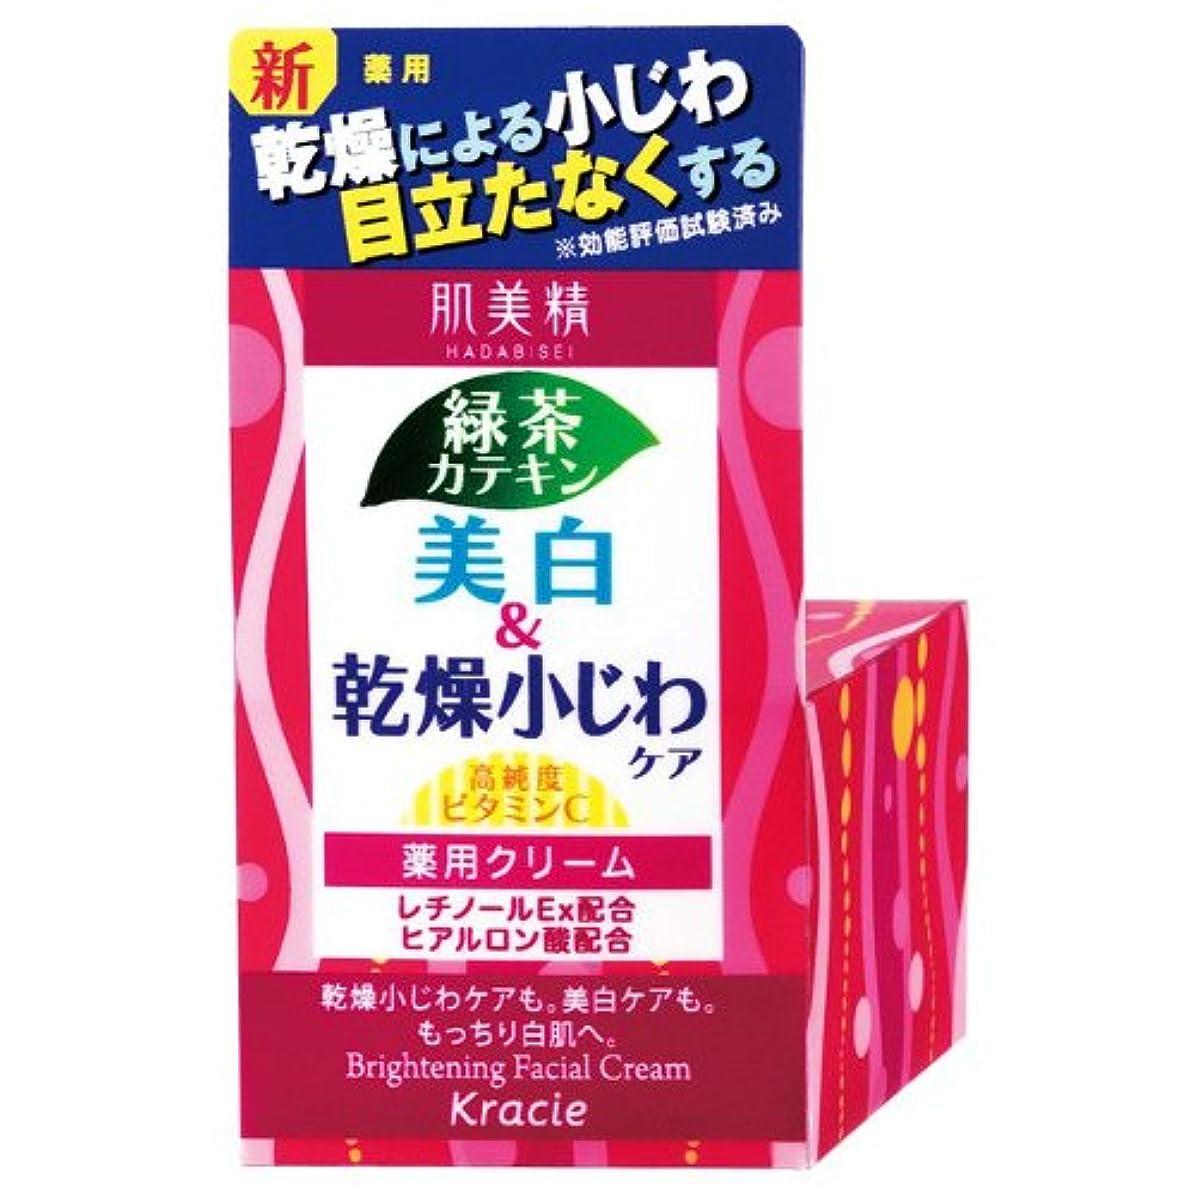 バトル洗剤スポーツ肌美精 薬用美白&乾燥小じわケア クリーム 50g [医薬部外品]